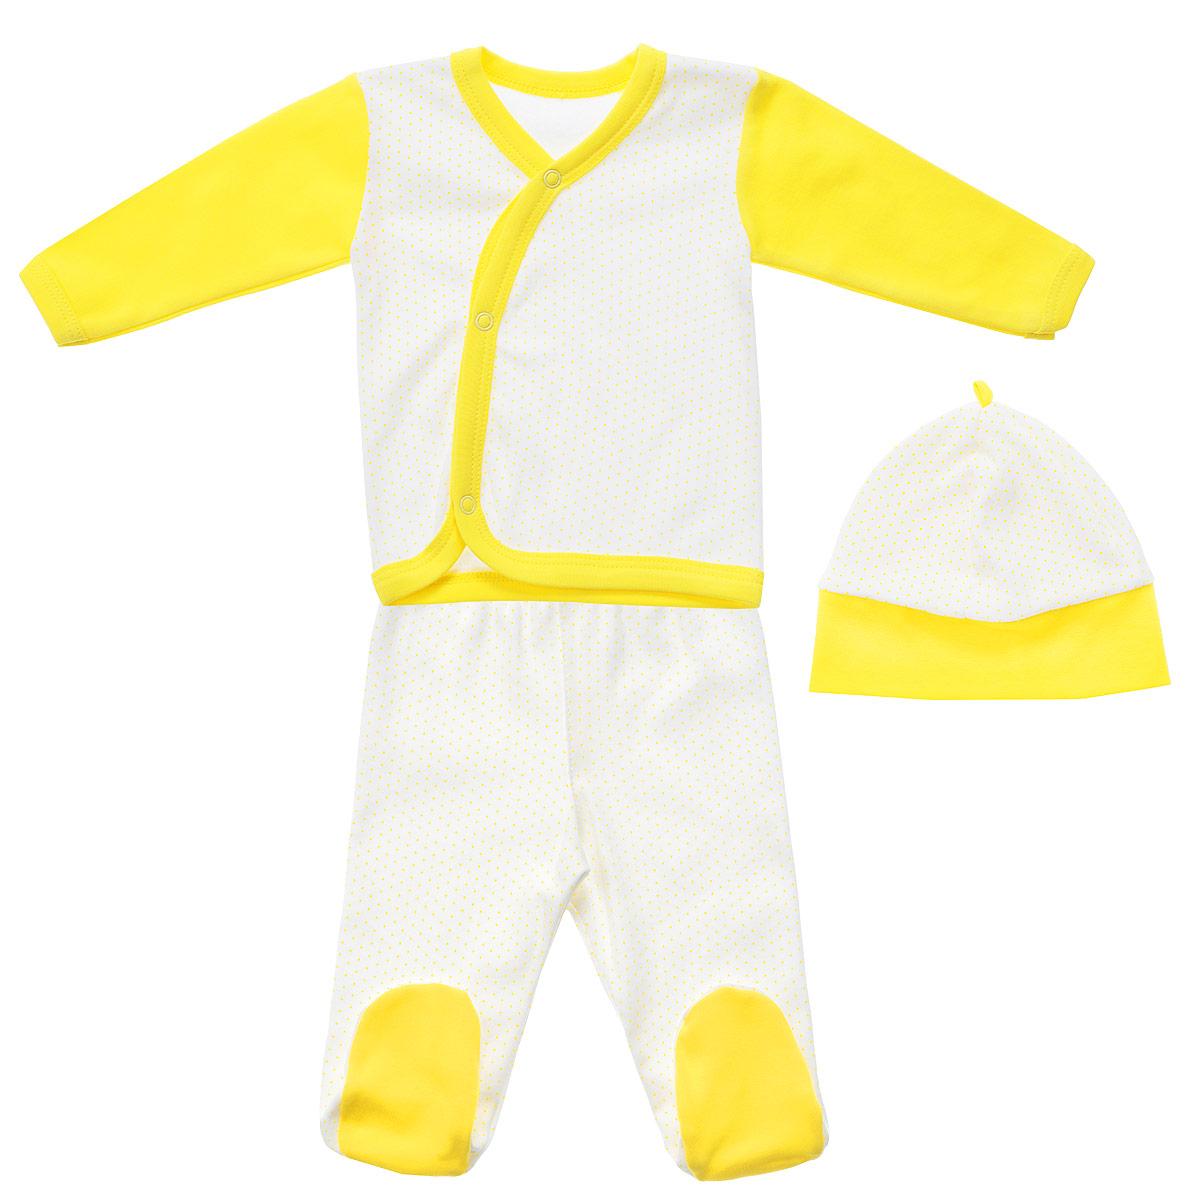 Комплект одежды33С-5210Детский комплект одежды Фреш Стайл прекрасно подойдет вашему малышу. Он включает в себя кофточку, ползунки и шапочку. Изготовлен комплект из натурального хлопка, благодаря чему он необычайно мягкий, не раздражает нежную кожу ребенка и хорошо вентилируется, а эластичные швы приятны телу крохи и не препятствуют его движениям. Кофточка с длинными рукавами и V-образным вырезом горловины спереди застегивается на металлические застежки-кнопки, что позволит легко переодеть младенца. Вырез горловины, края рукавов, низ изделия и планка с кнопками дополнены трикотажной бейкой контрастного цвета. Оформлено изделие принтом в мелкий горошек. Рукава выполнены в контрастном цвете. Ползунки с закрытыми ножками на талии имеют эластичную резинку, не сдавливающую животик ребенка, обеспечивая наибольший комфорт. Оформлено изделие принтом в мелкий горошек. Стопы выполнены из однотонной ткани контрастного цвета. Шапочка защищает еще не заросший родничок от ветра и солнца. Внутренние...